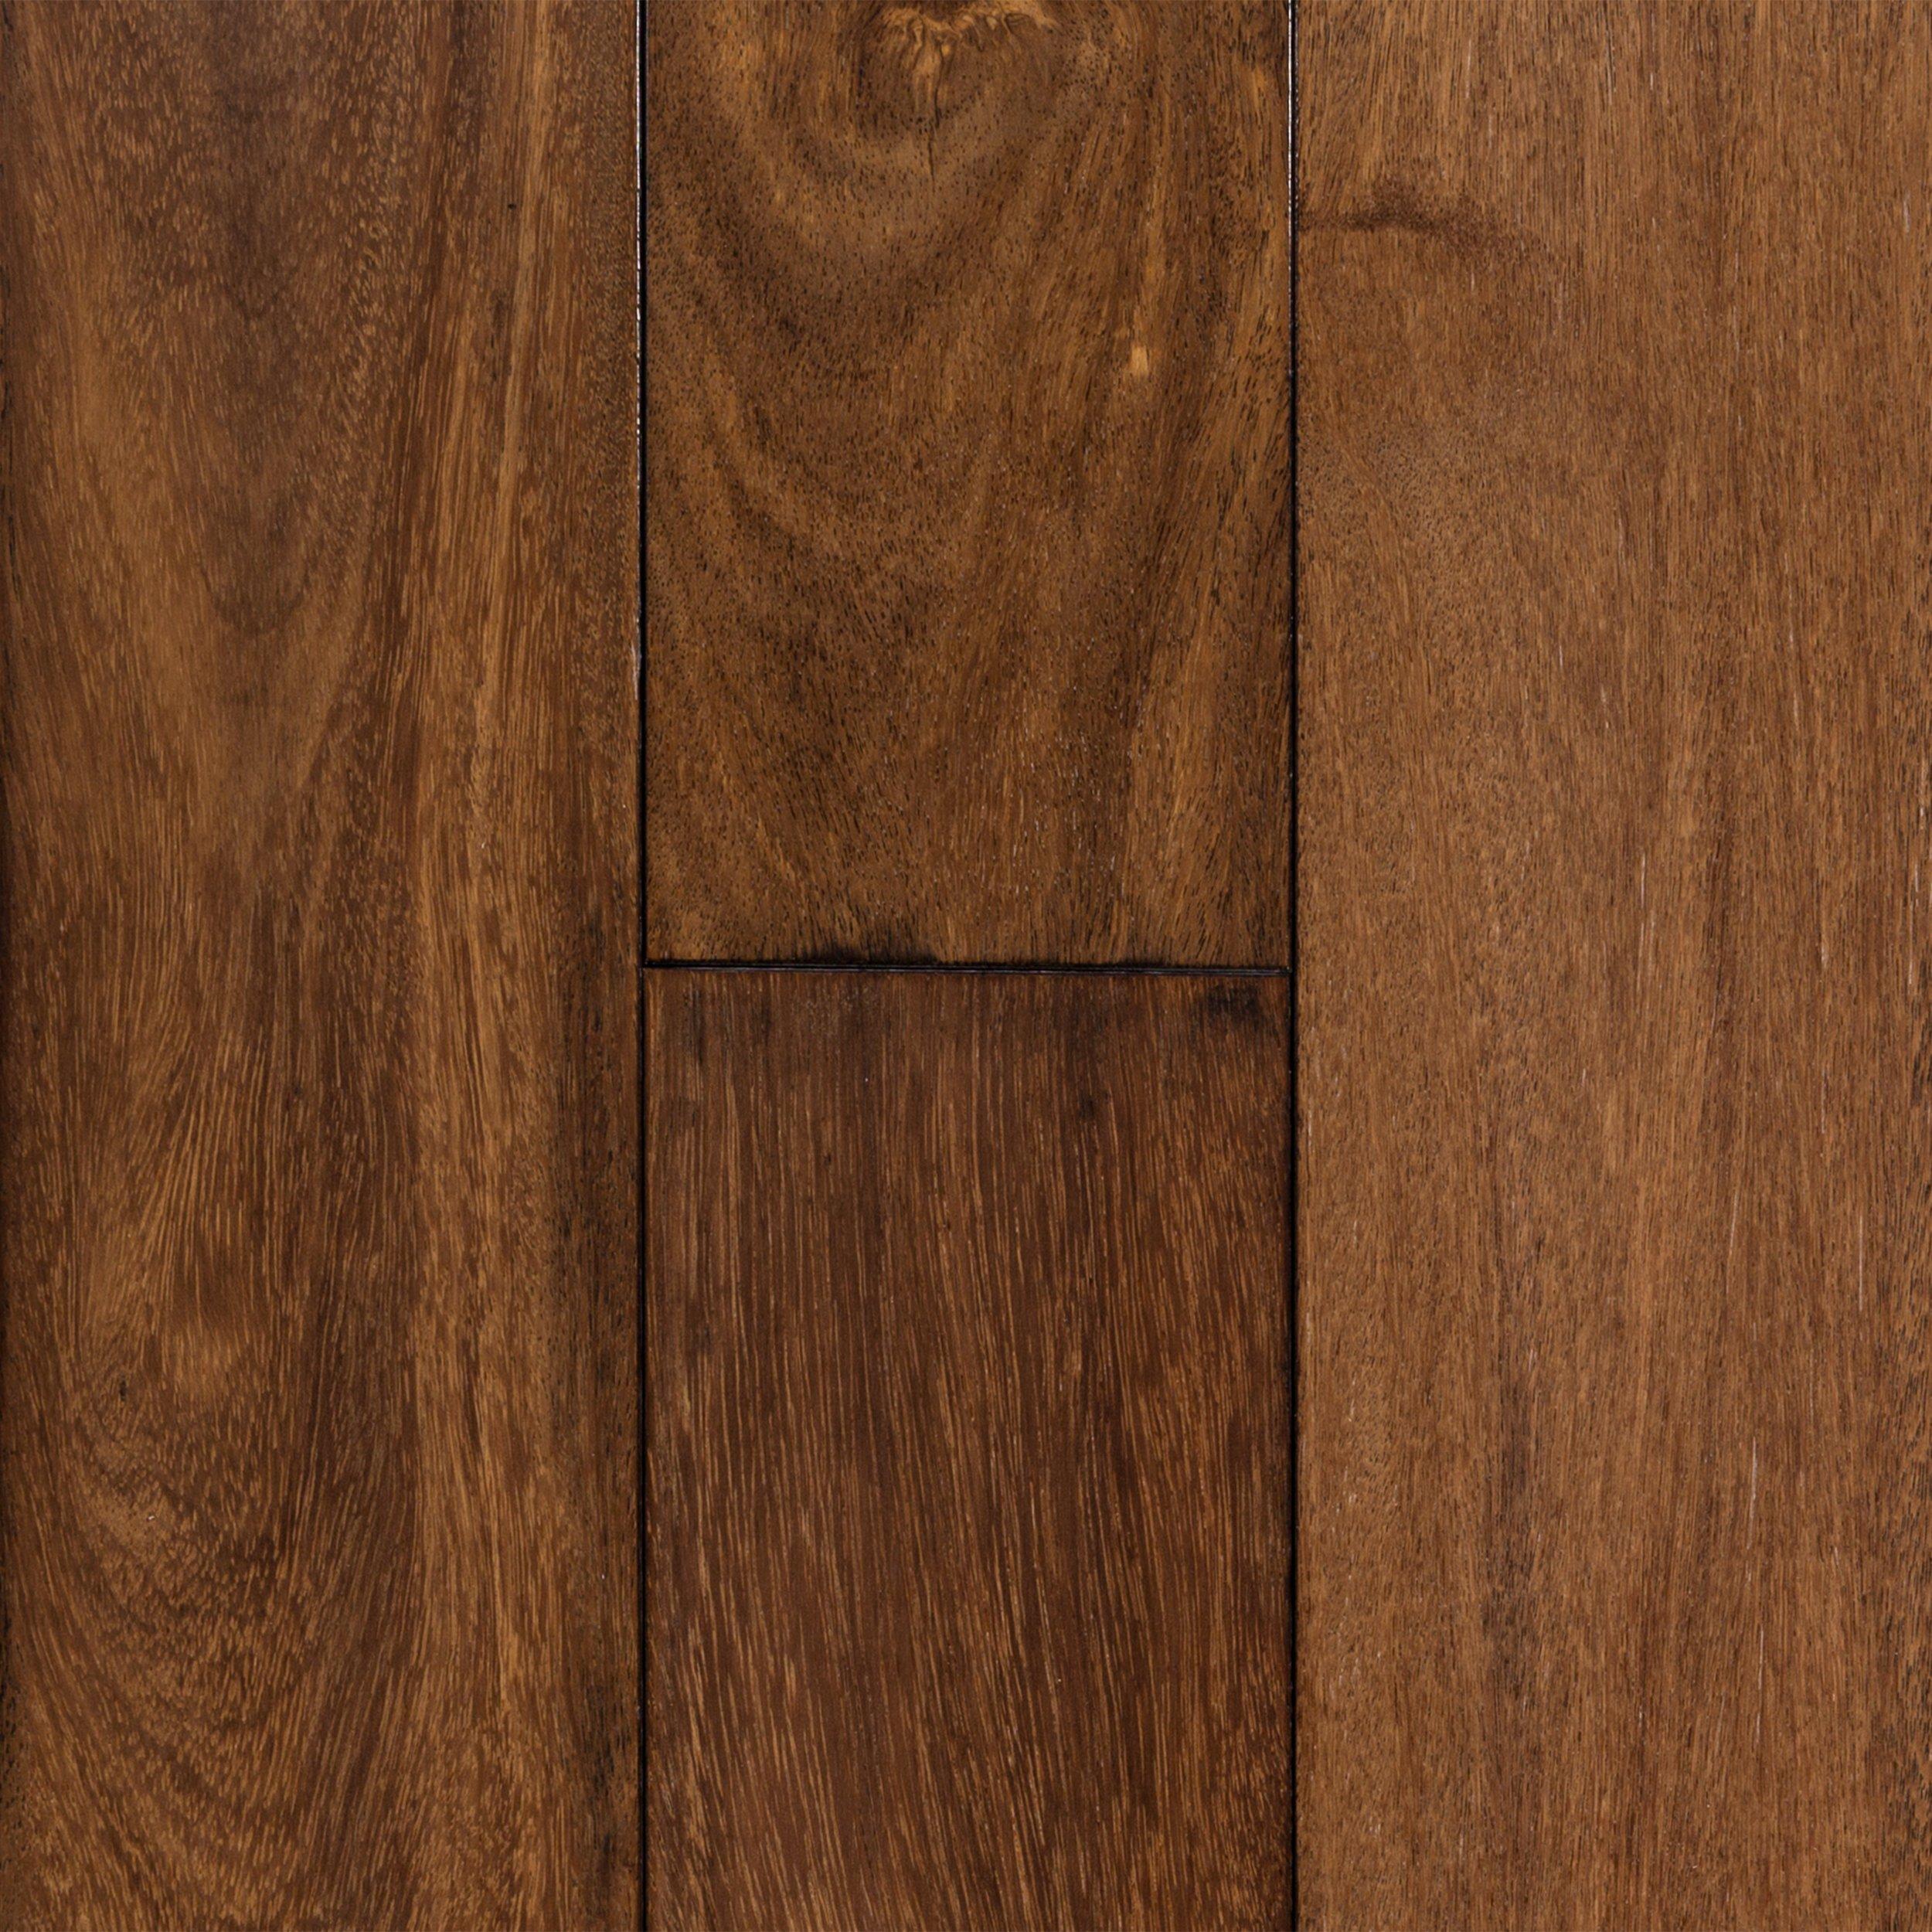 brazilian chestnut hand scraped solid hardwood 34in x 5 12in floor and decor - Hand Scraped Hardwood